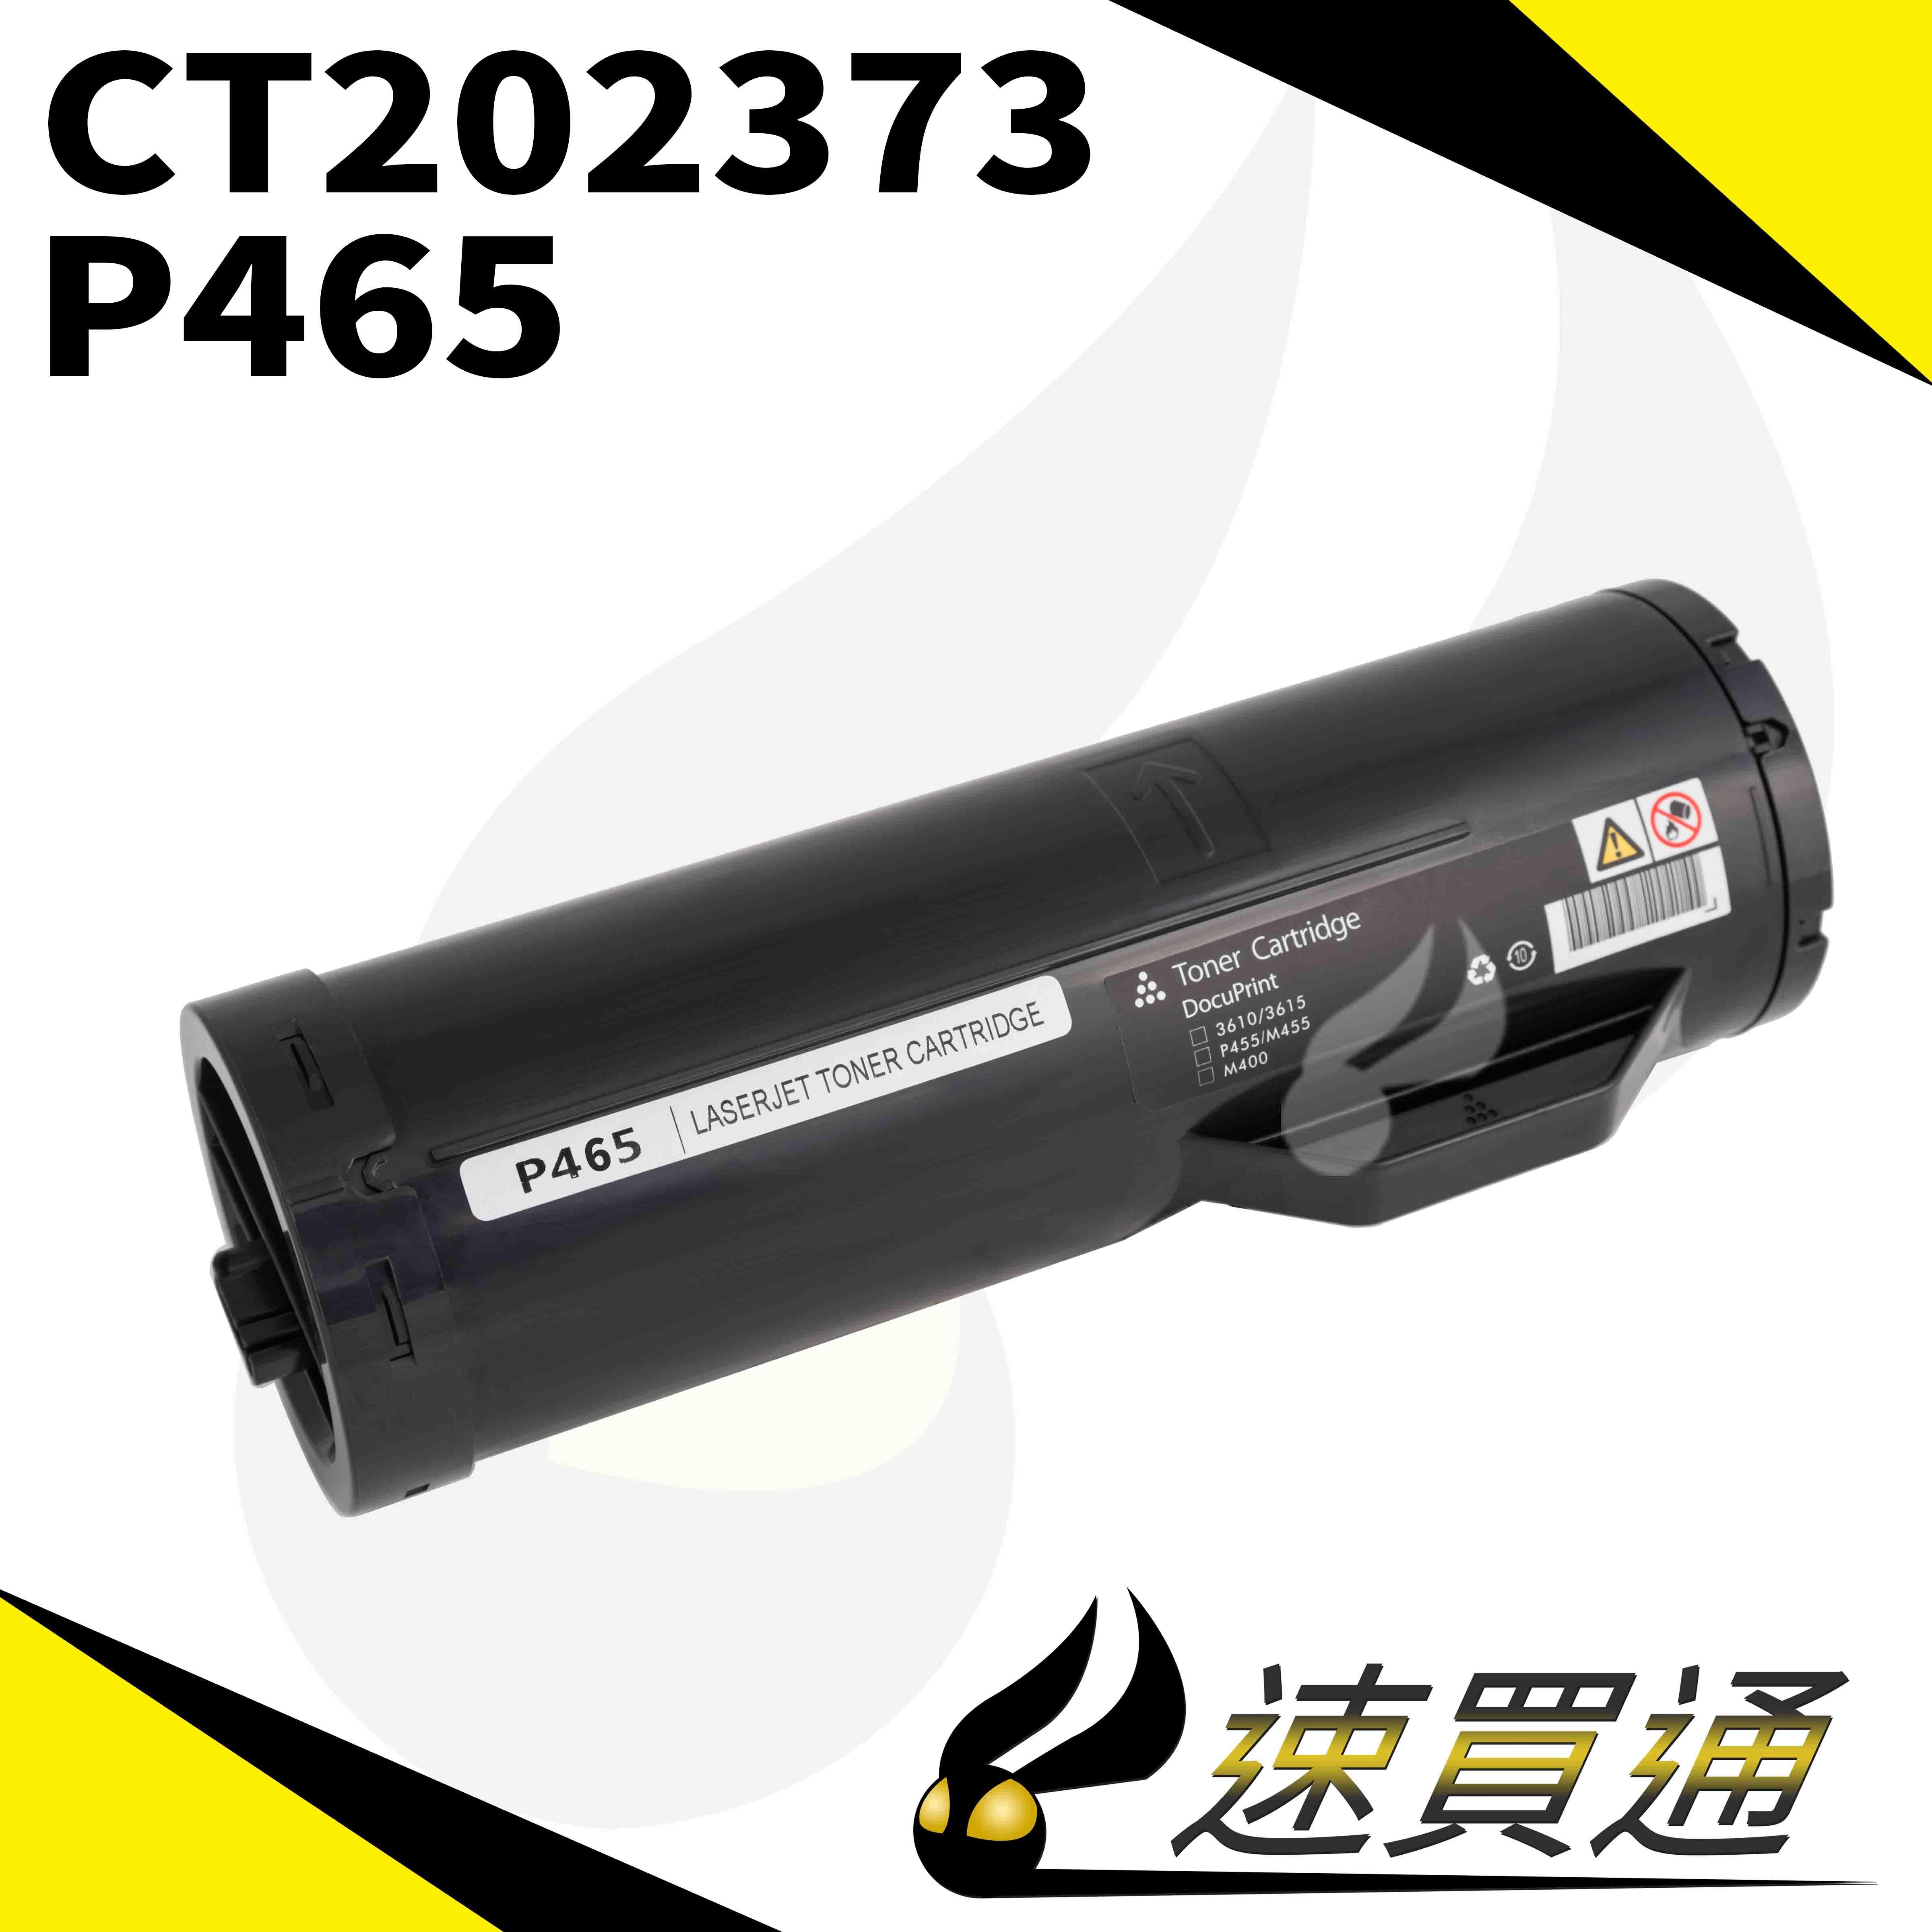 【速買通】Fuji Xerox P465D/CT202373 相容碳粉匣